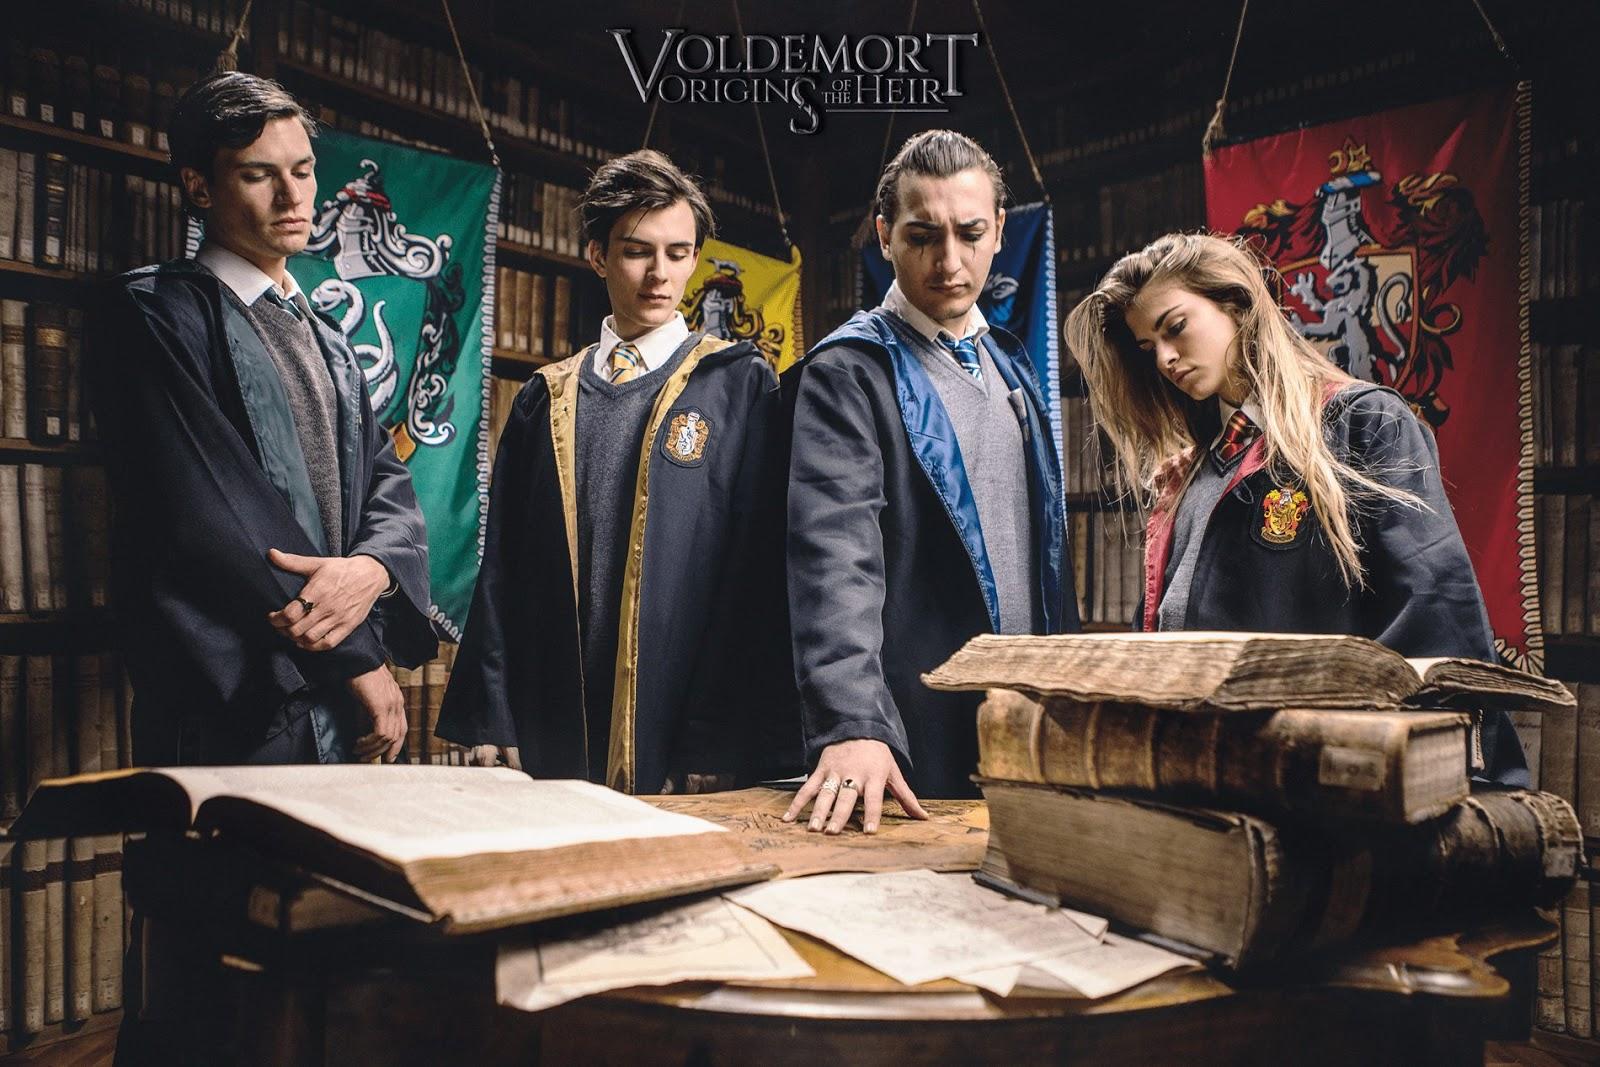 VOLDEMORT - ORIGINS OF THE HEIR | DER KOMPLETTE FILM IM STREAM